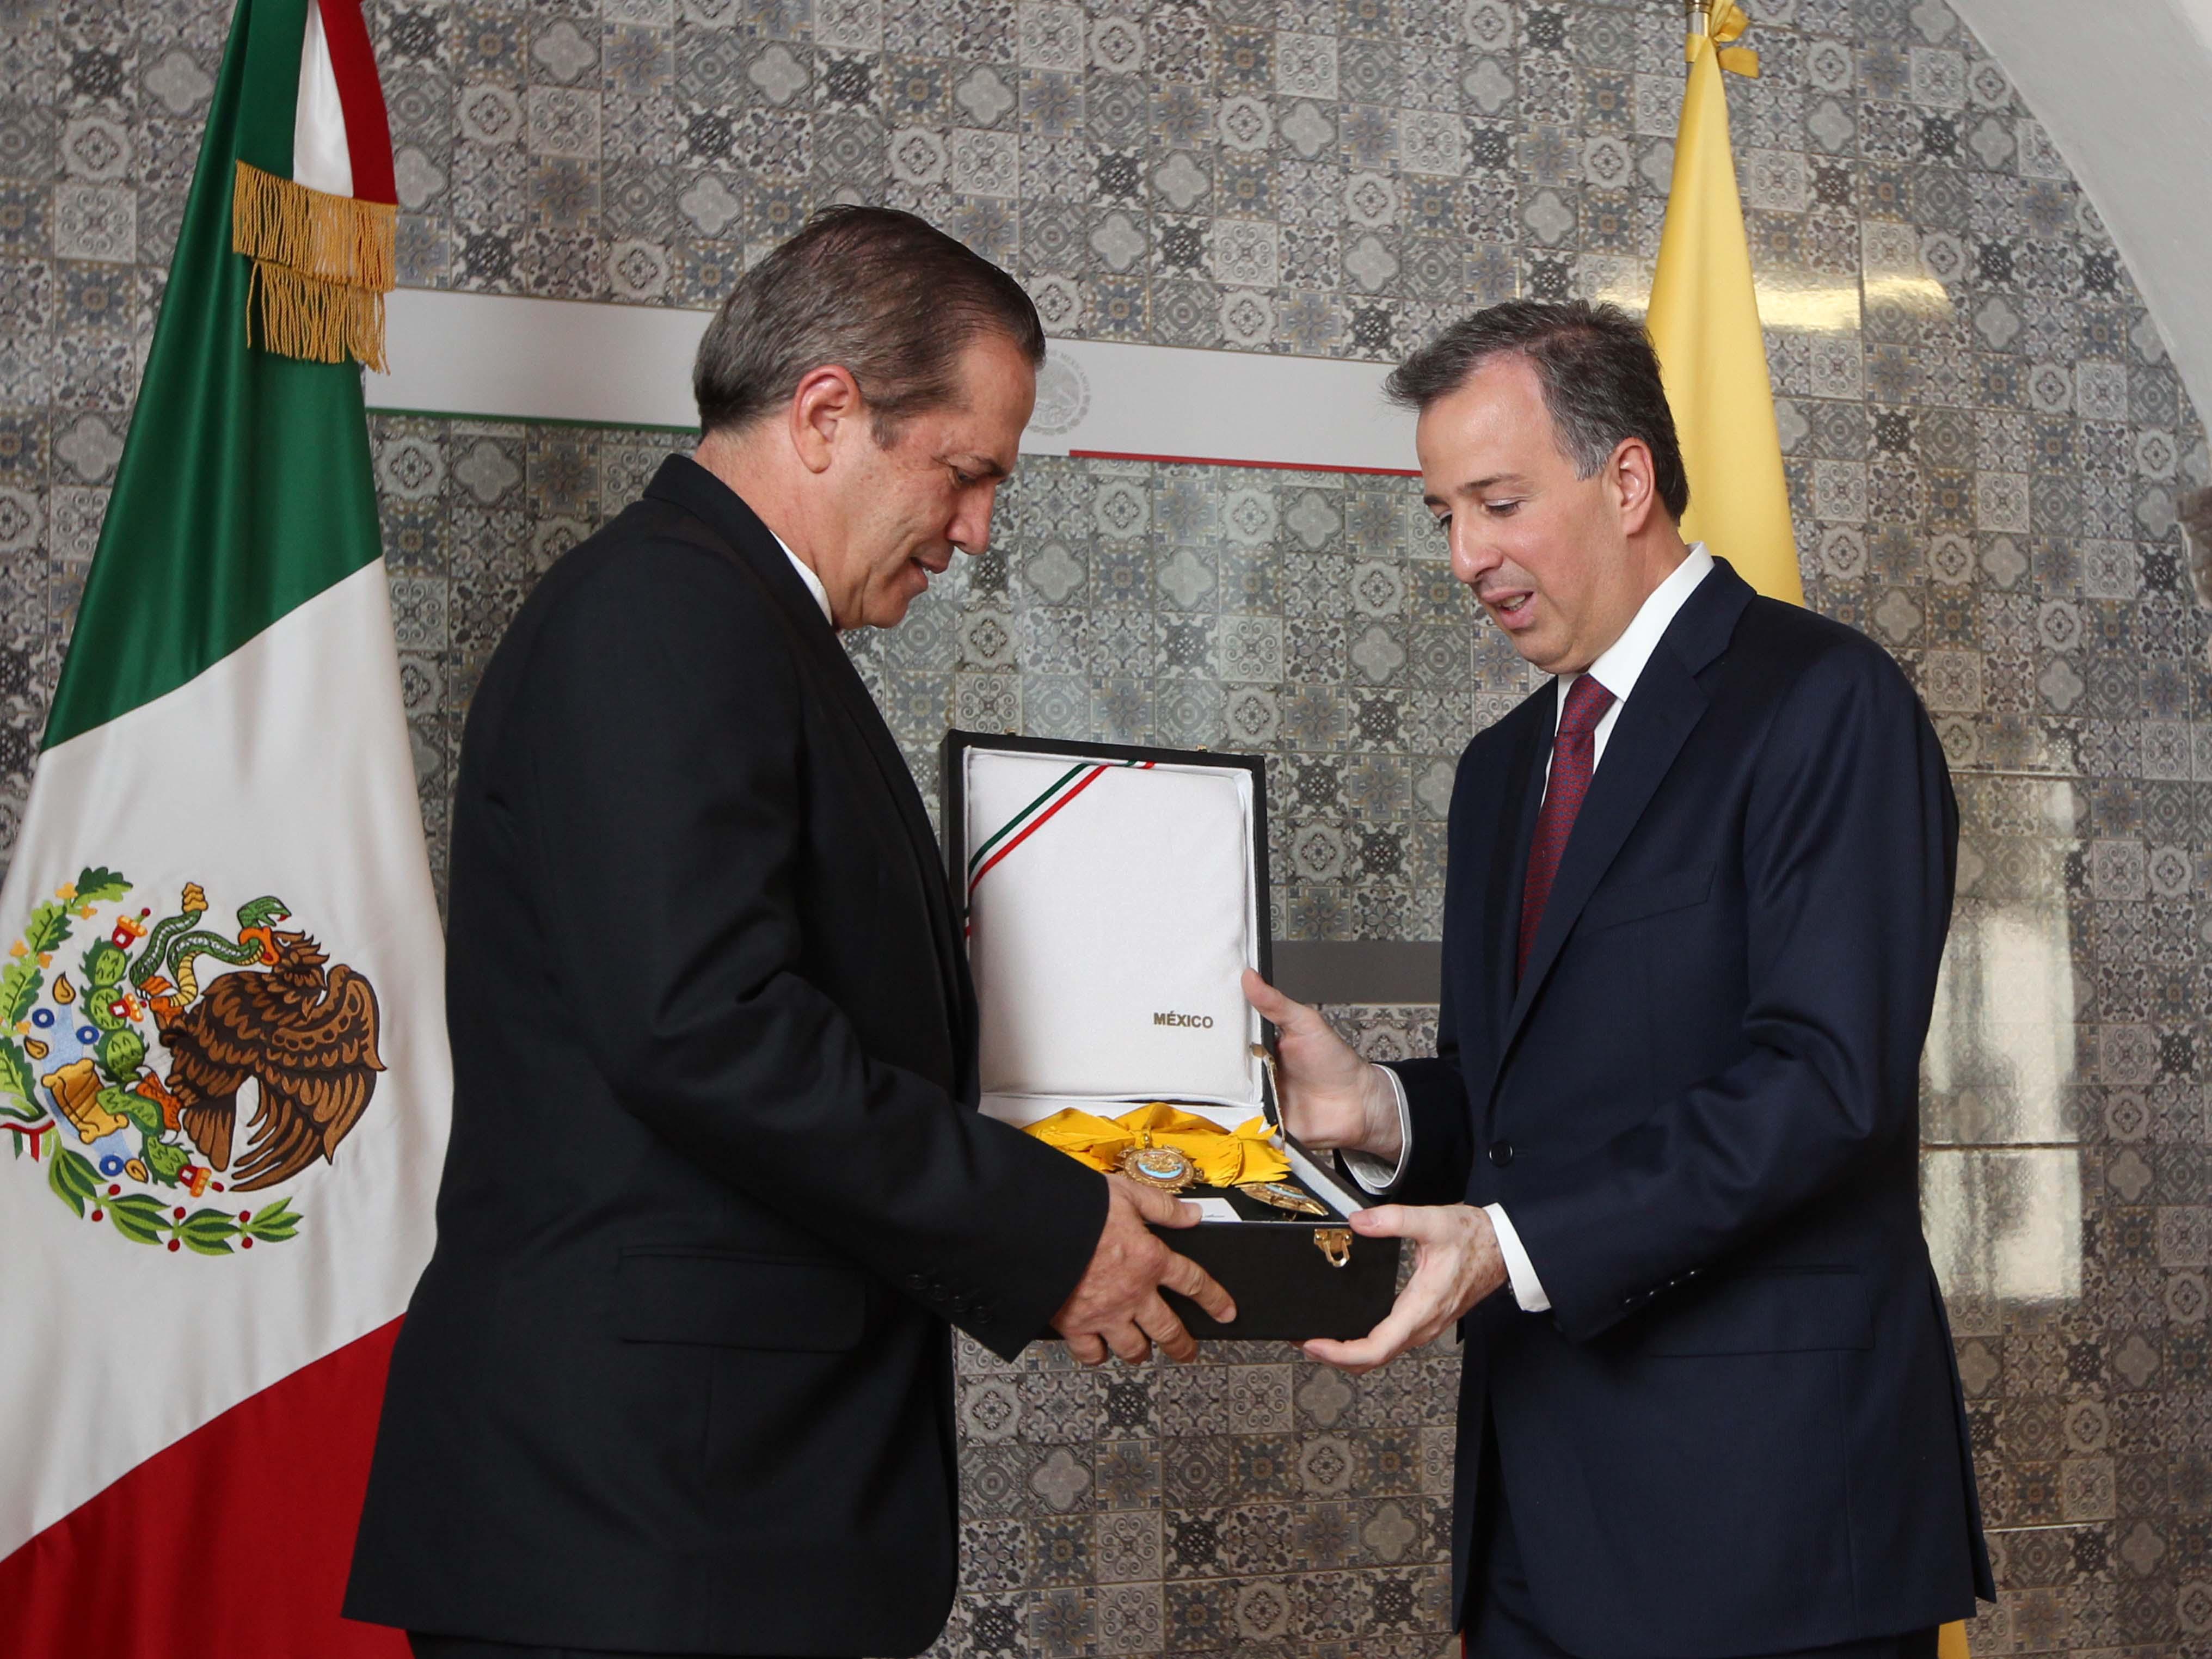 FOTO 1 Canciller Jos  Antonio Meade y su hom logo de Ecuador  Ricardo Pati o Aroca  jpg